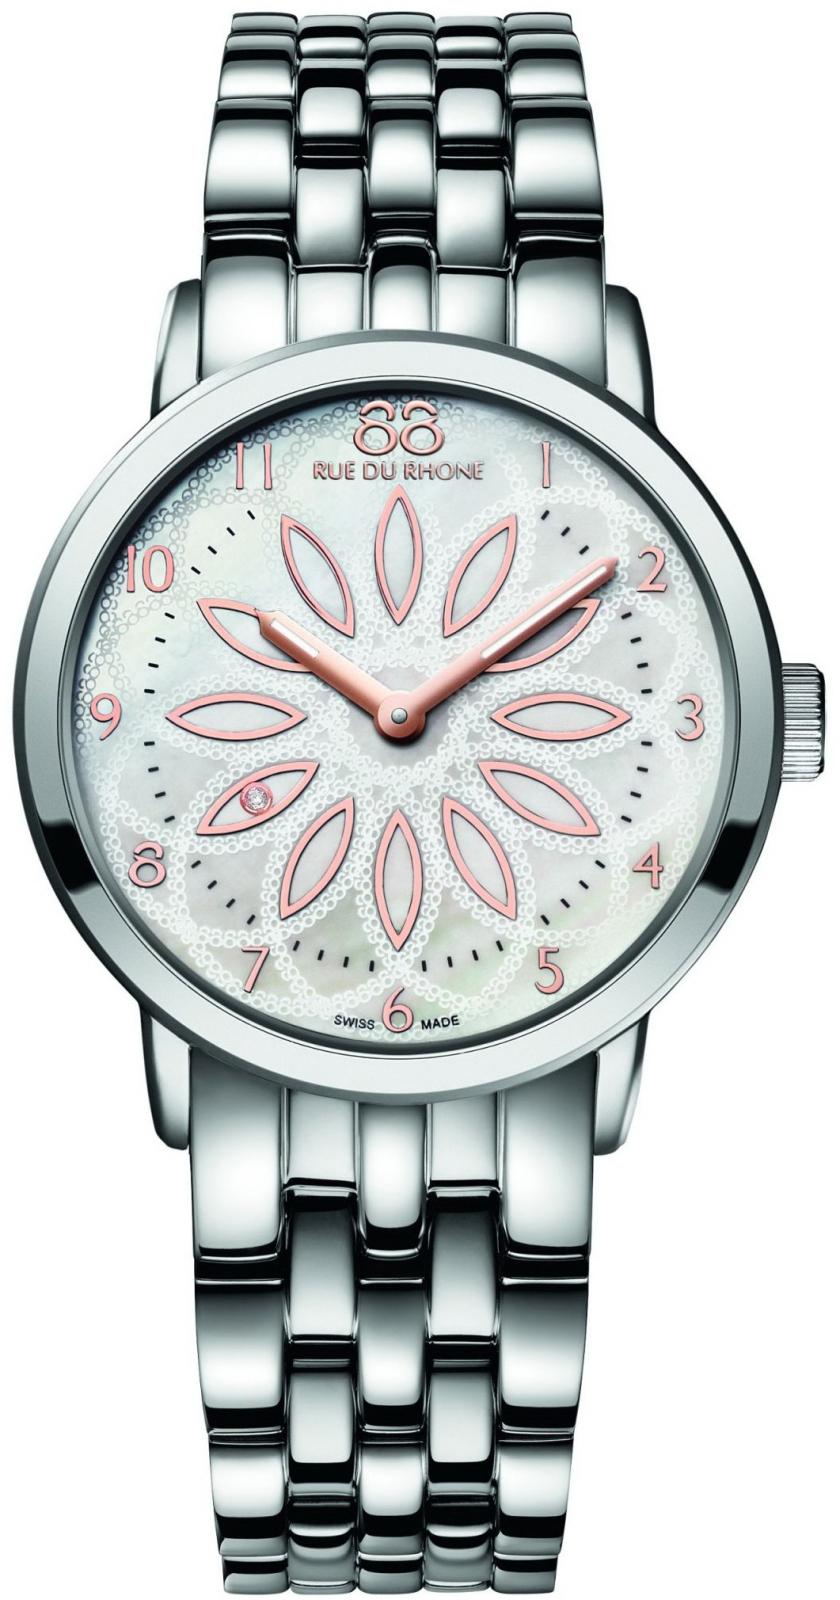 88 Rue Du Rhone Double 8 Origin 87WA140010Наручные часы<br>Швейцарские часы 88 Rue Du Rhone Double 8 Origin 87WA140010<br><br>Для кого?: Женские<br>Страна-производитель: Швейцария<br>Механизм: Кварцевый<br>Материал корпуса: Сталь<br>Материал ремня/браслета: Сталь<br>Водозащита, диапазон: 20 - 100 м<br>Стекло: Сапфировое<br>Толщина корпуса/: <br>Стиль: Классика